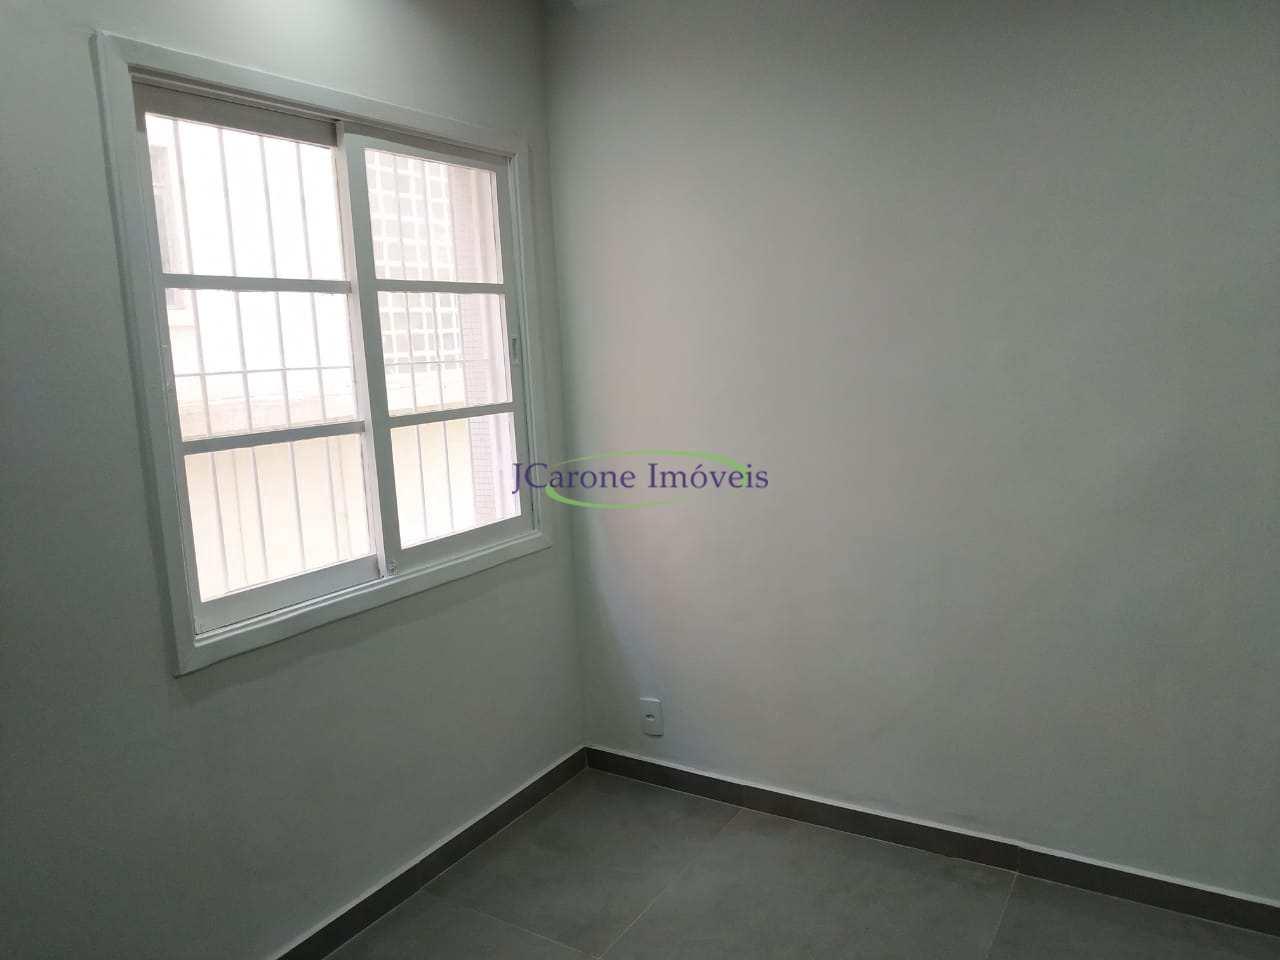 Apartamento com 1 dorm, Gonzaga, Santos - R$ 232 mil, Cod: 64153077